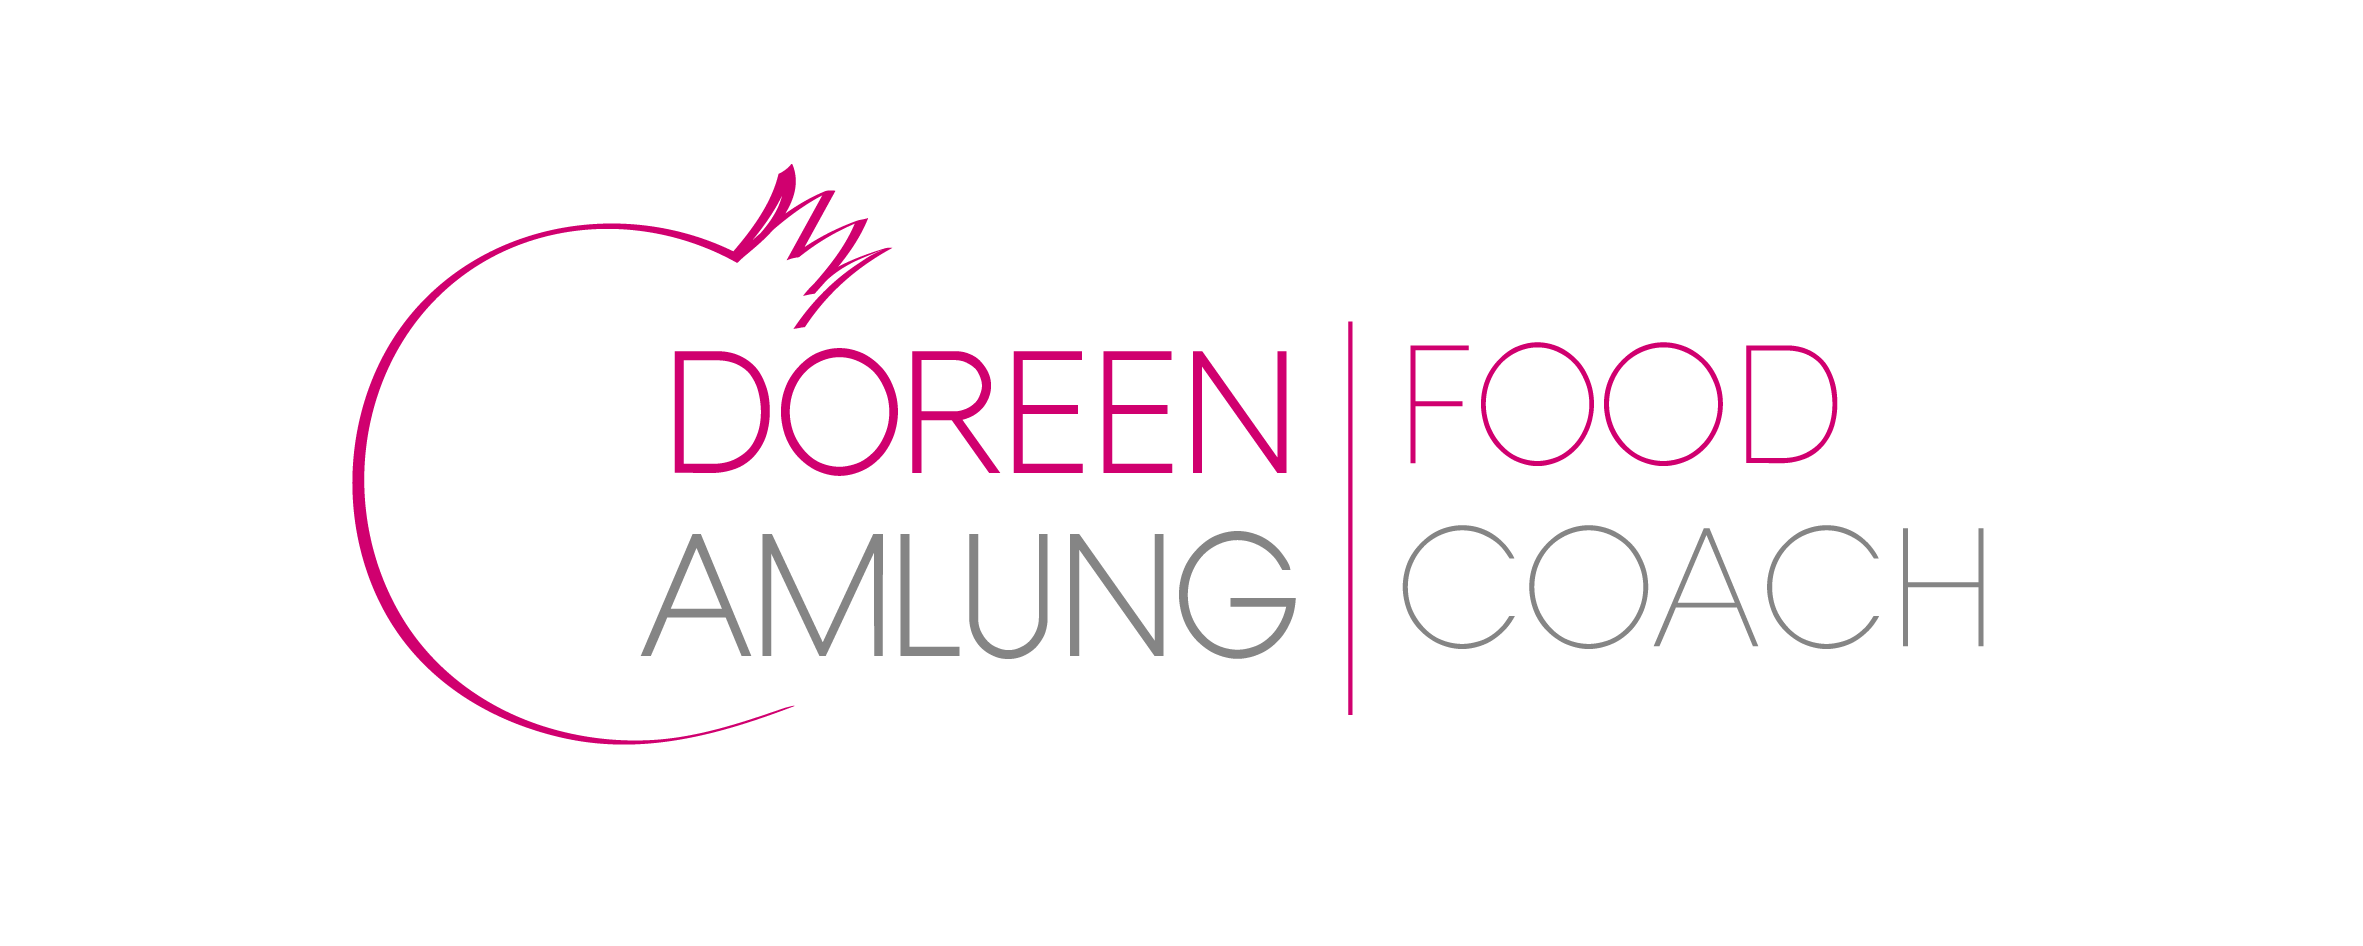 Großes Logo Doreen Amlung Food Coach pink und grau.